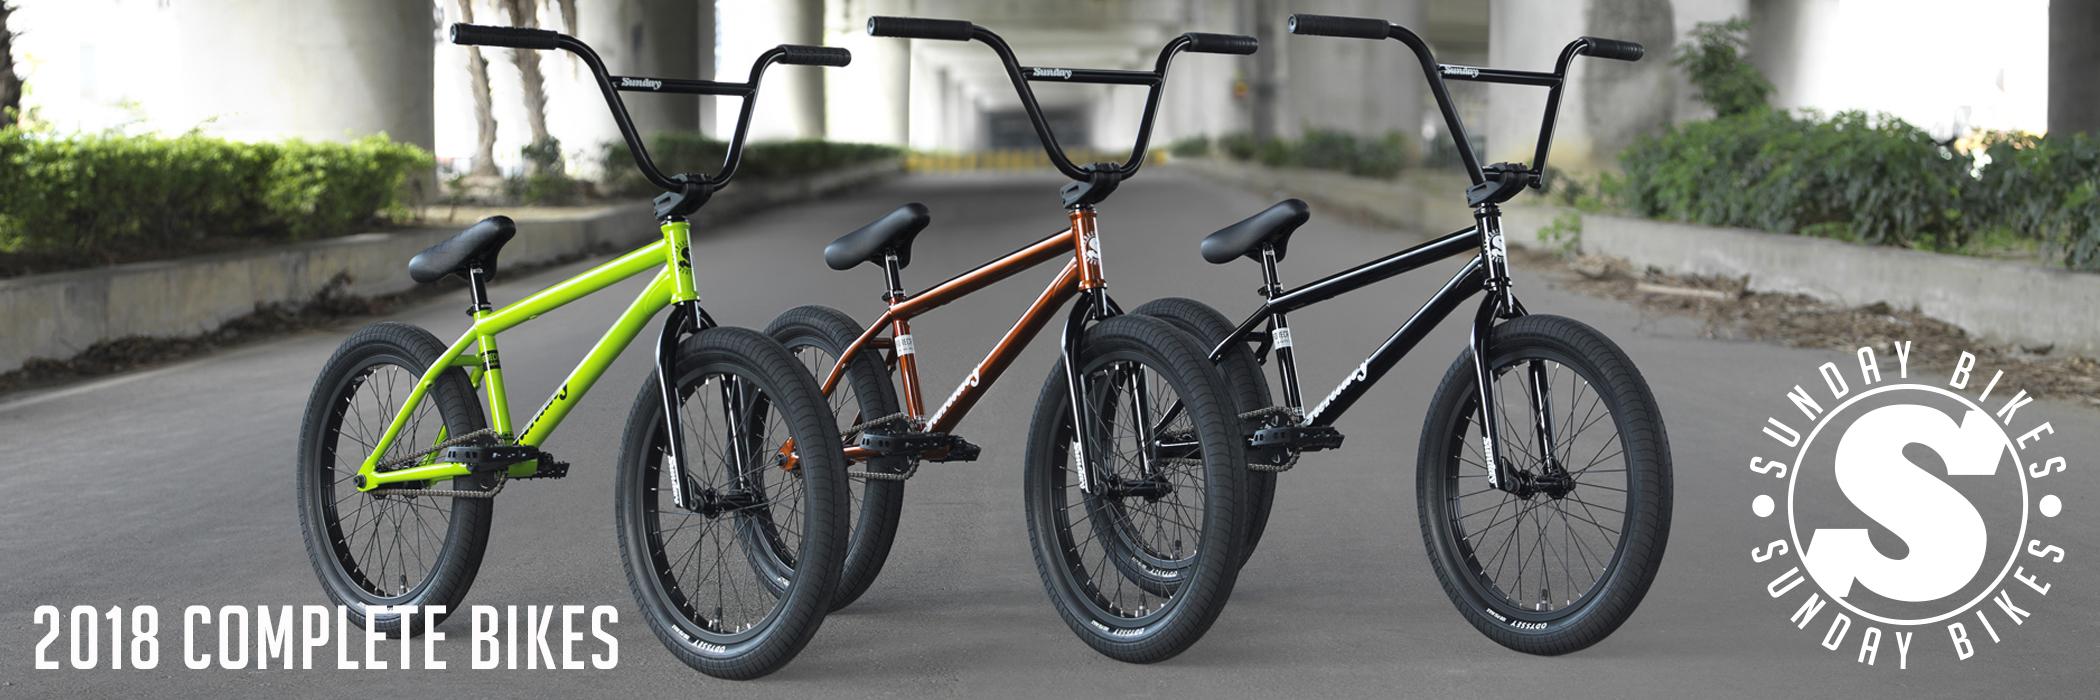 Bikes Sunday Bikes